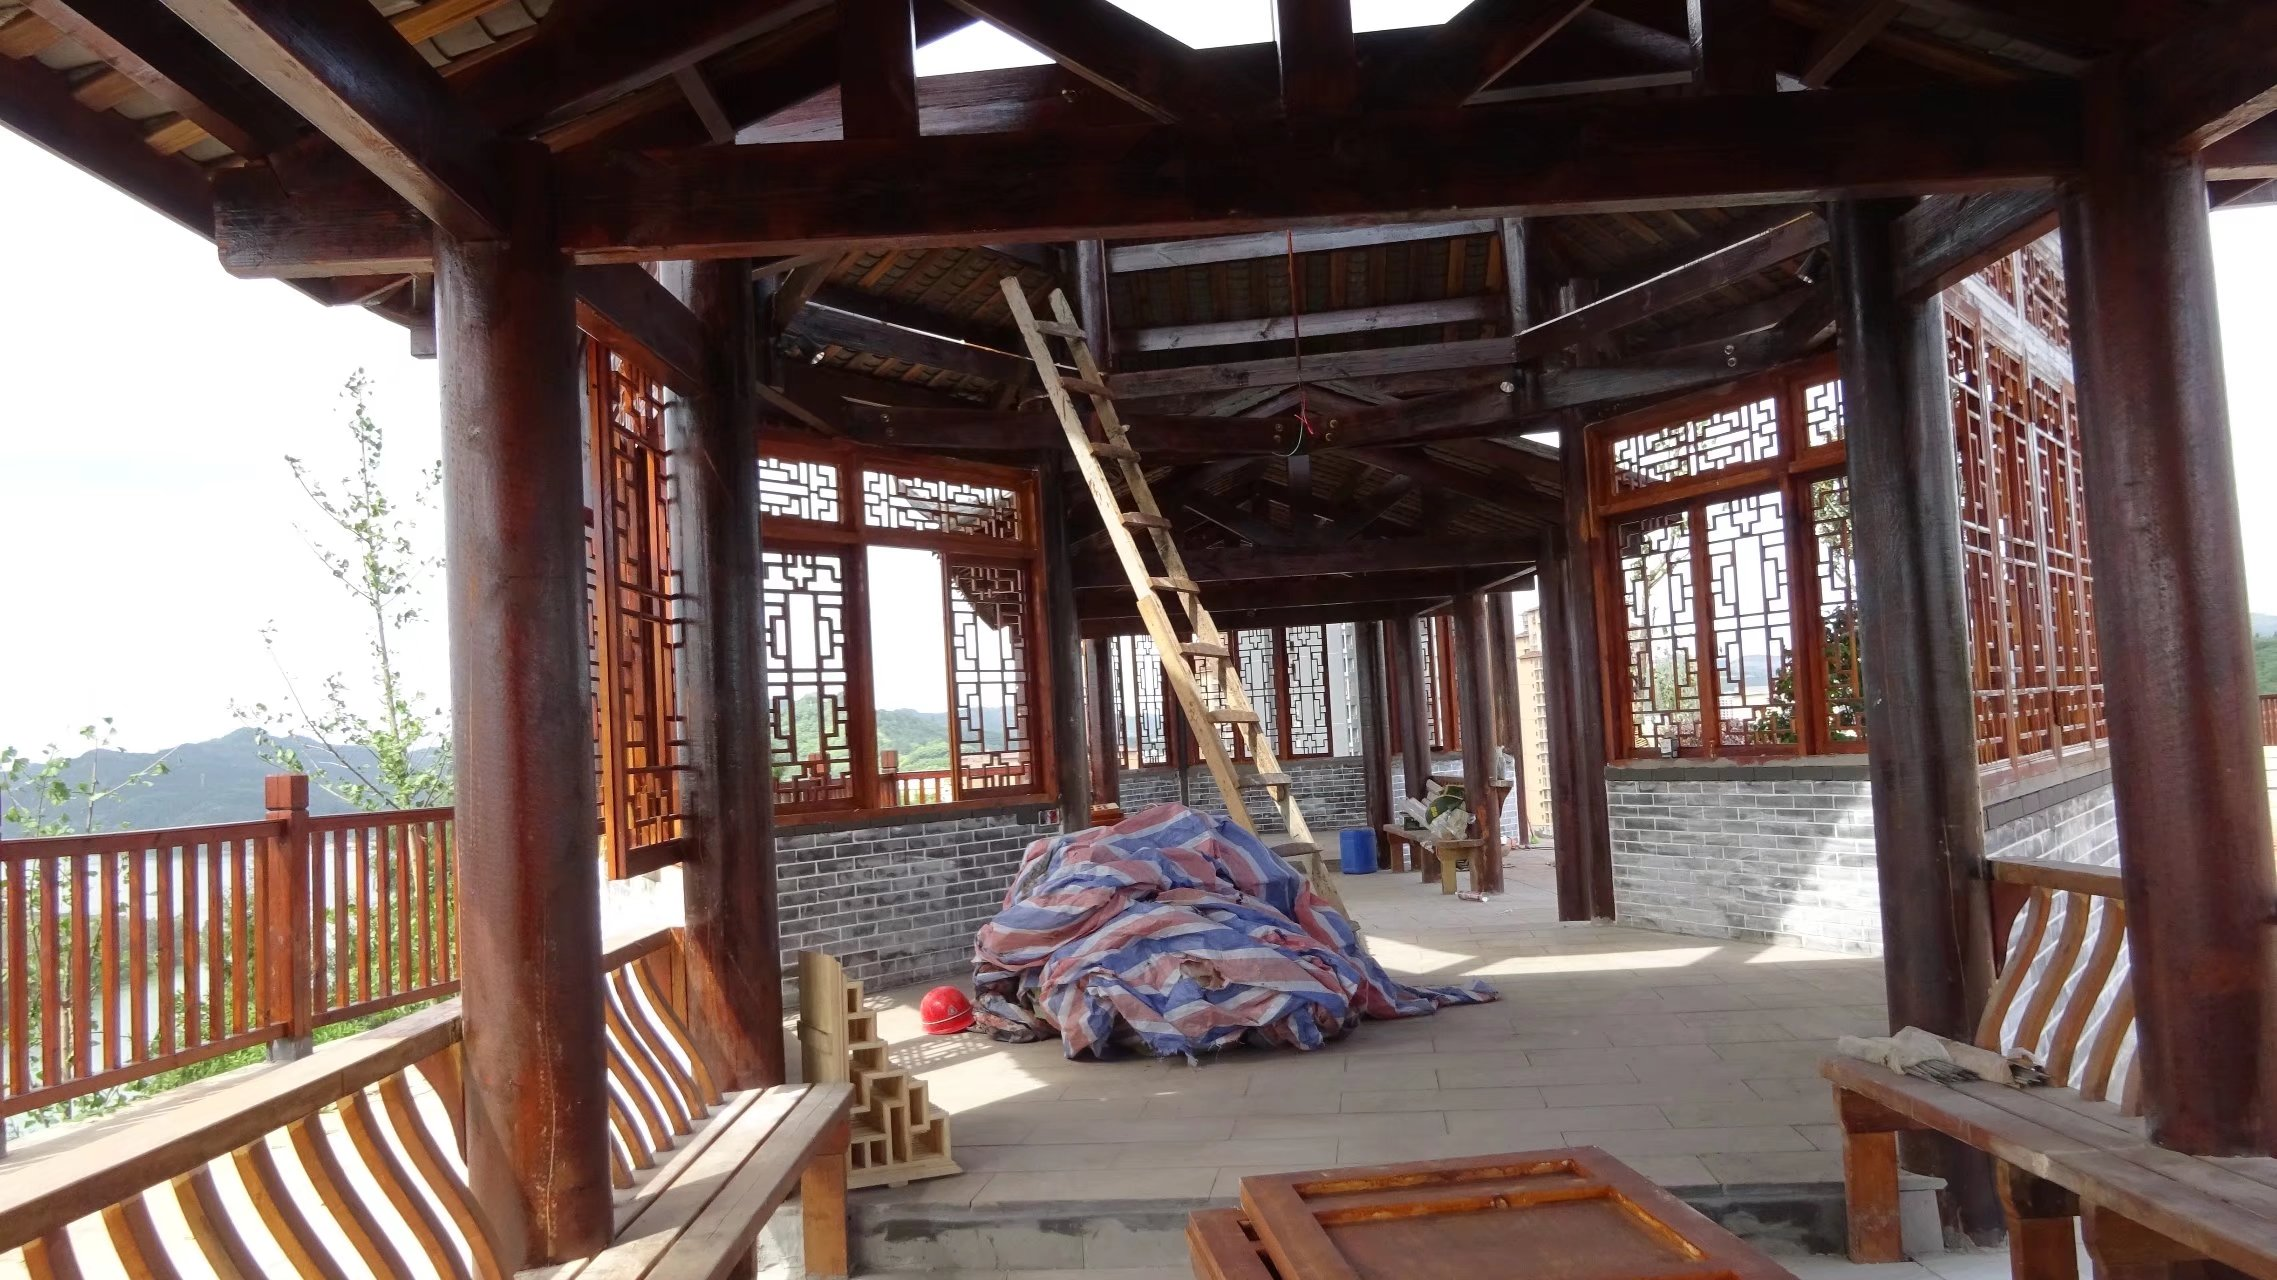 蓬安桑梓火锅公园施工进度(2018-05-10) - 第28张  | 蓬安在线